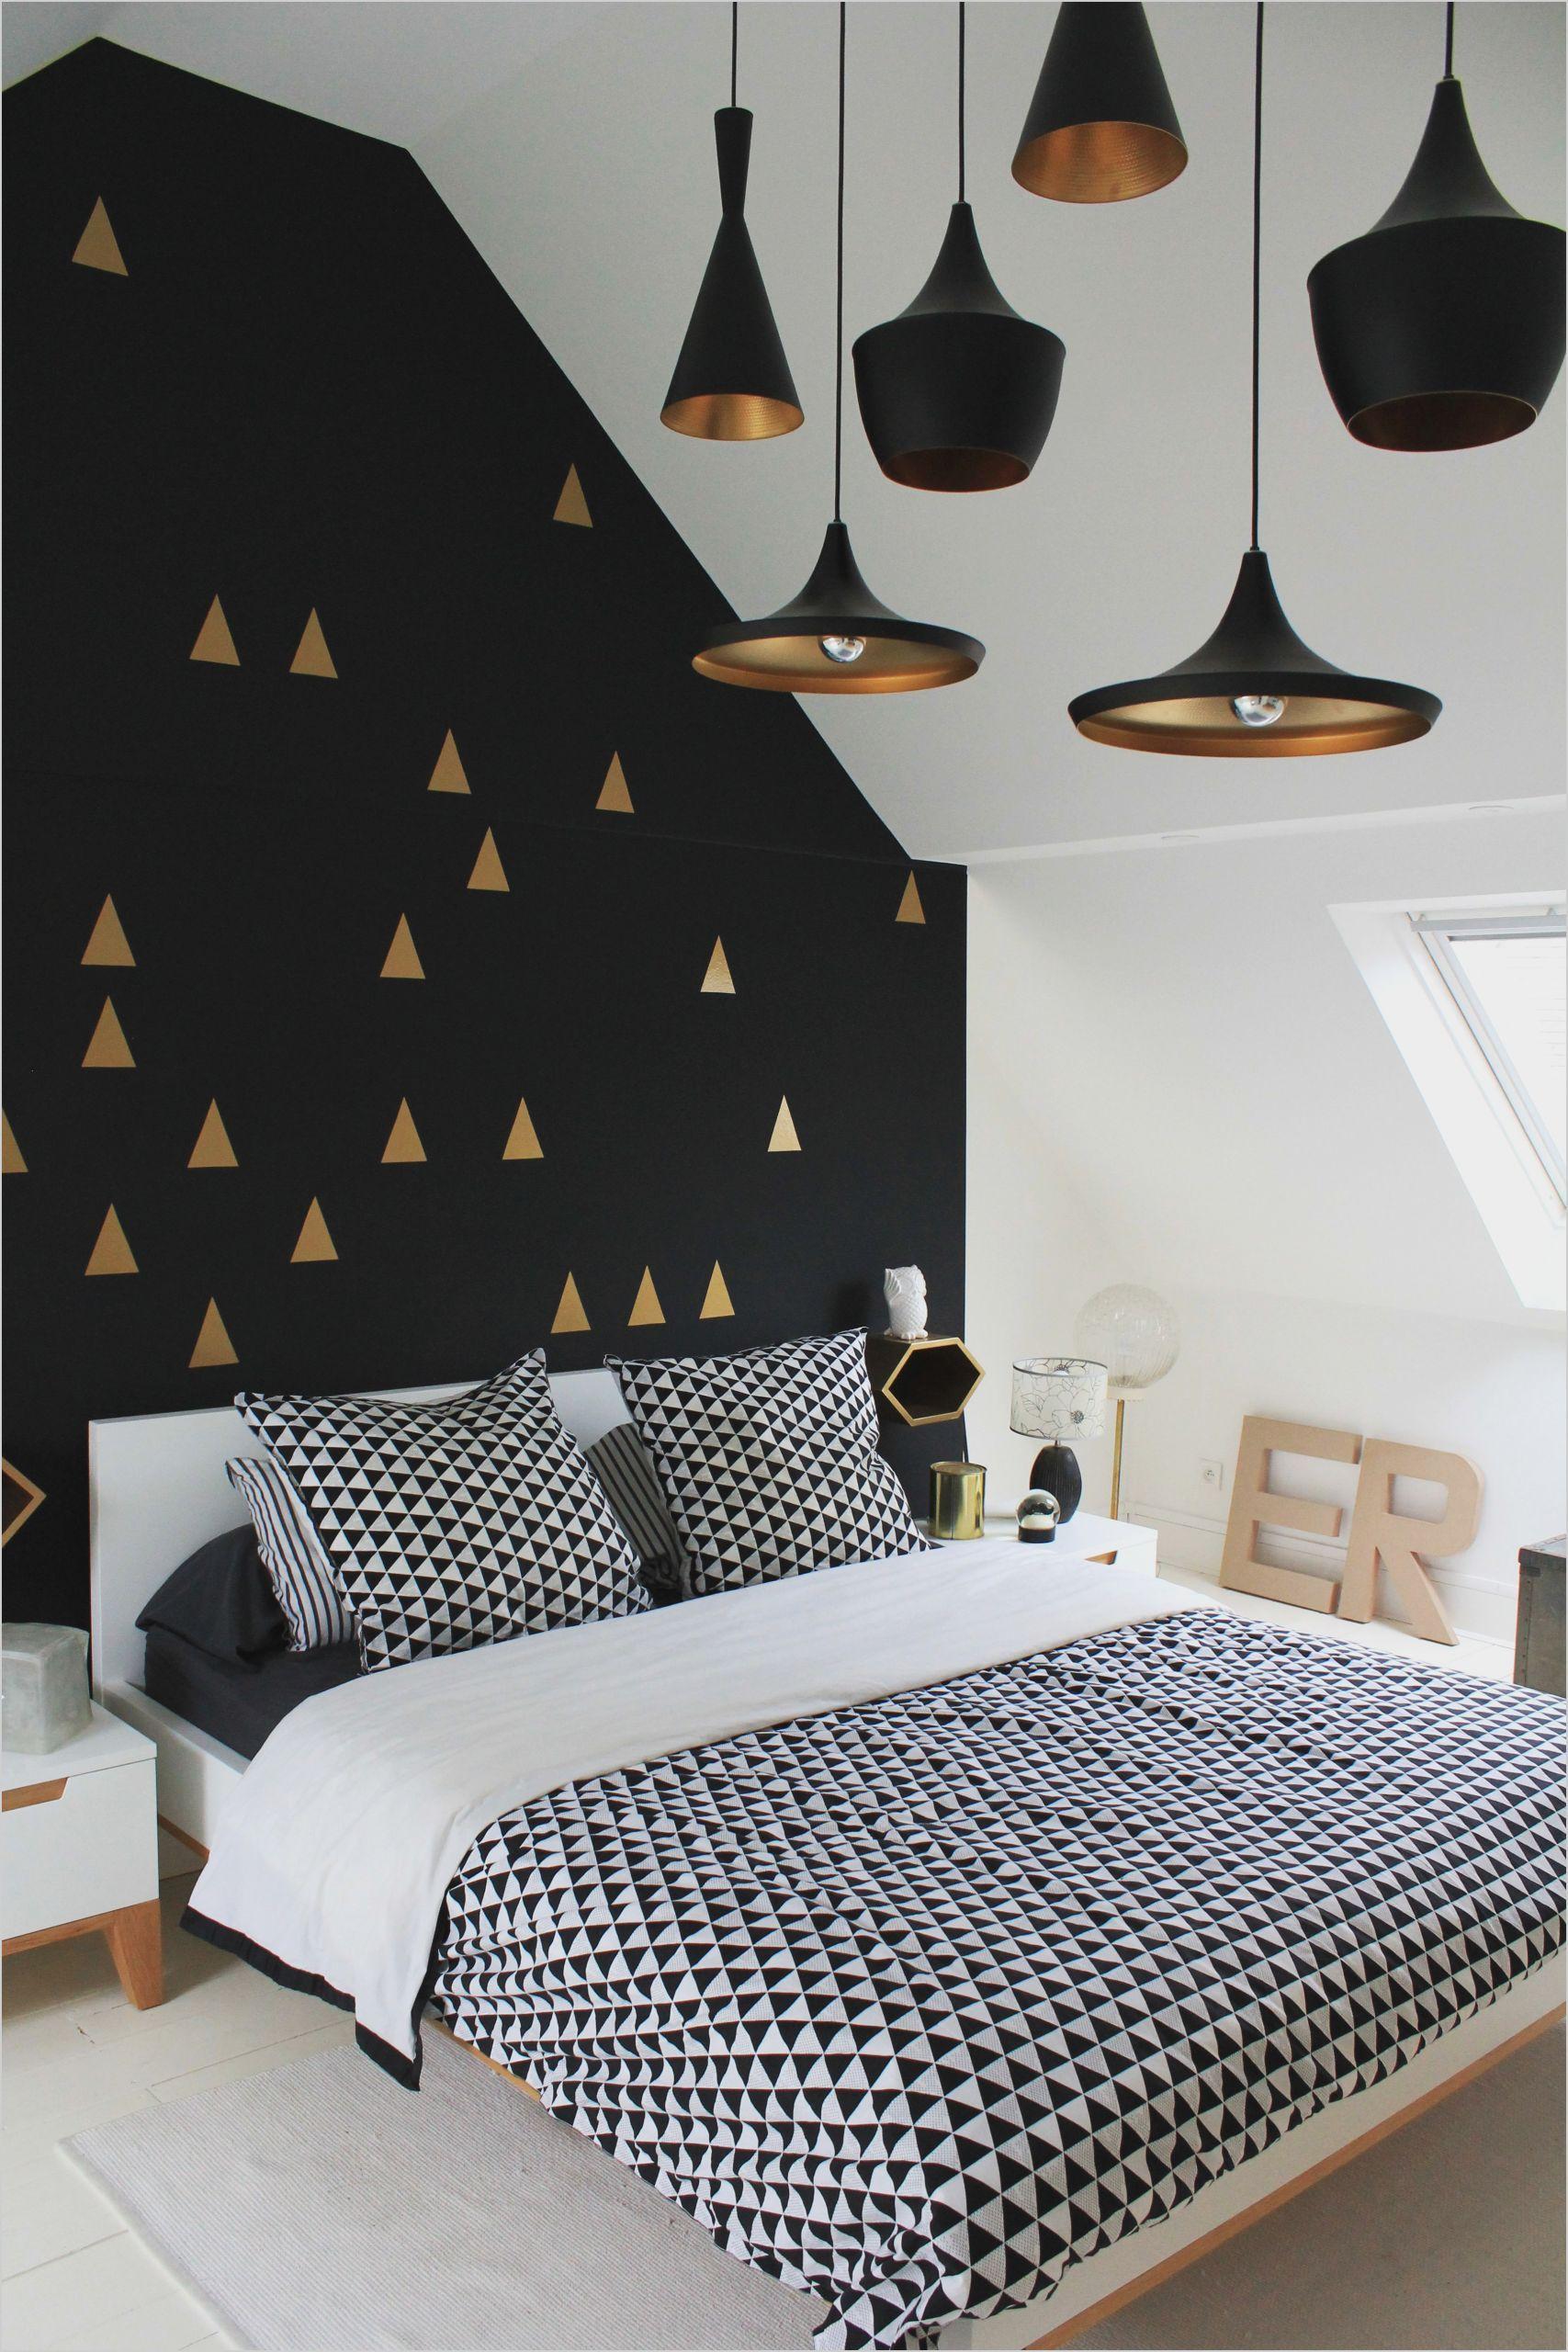 White Gold And Black Bedroom Decor Di 2020